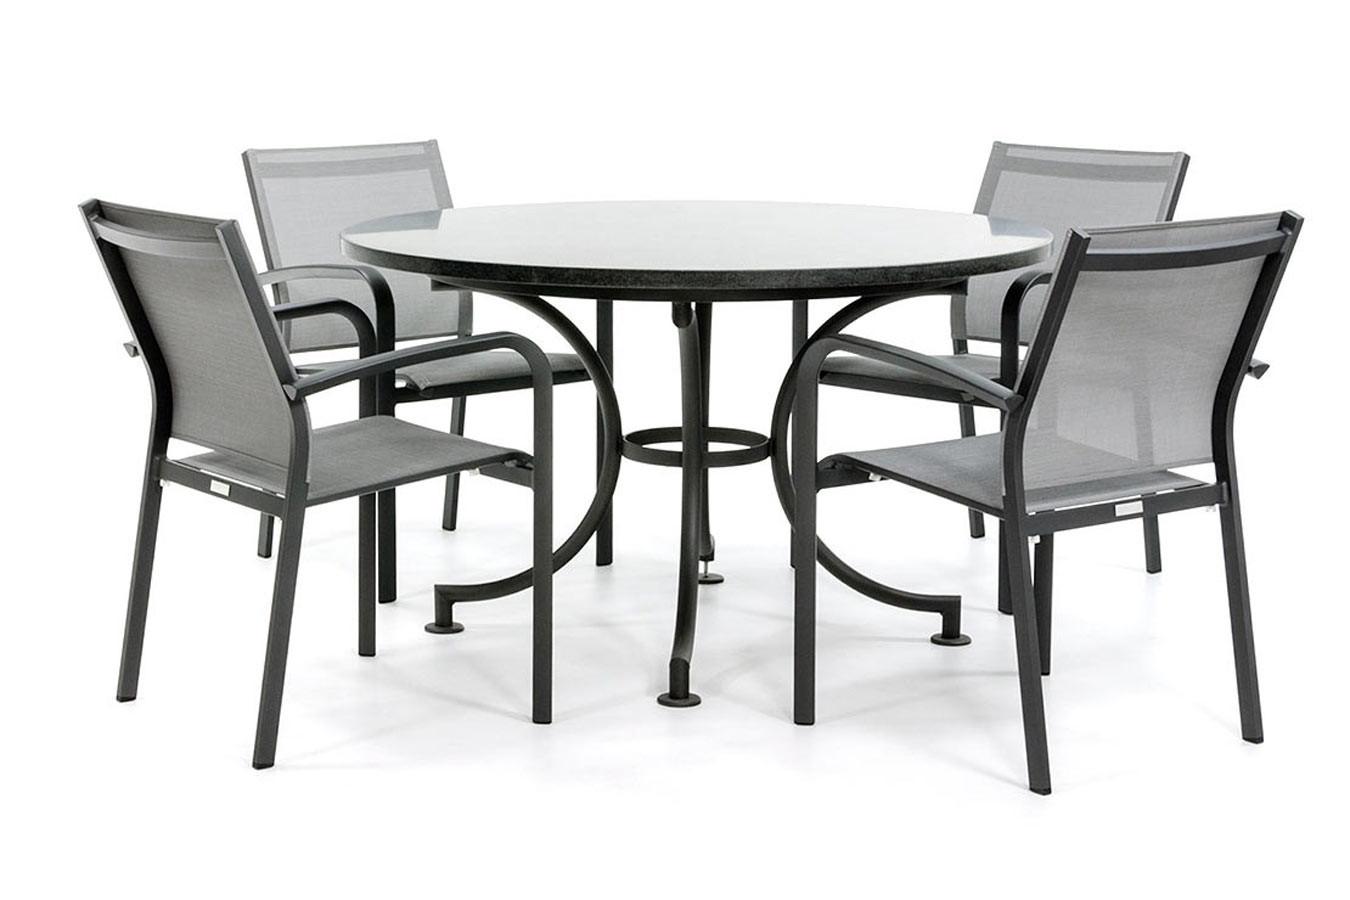 Runder Gartentisch mit Granitplatte